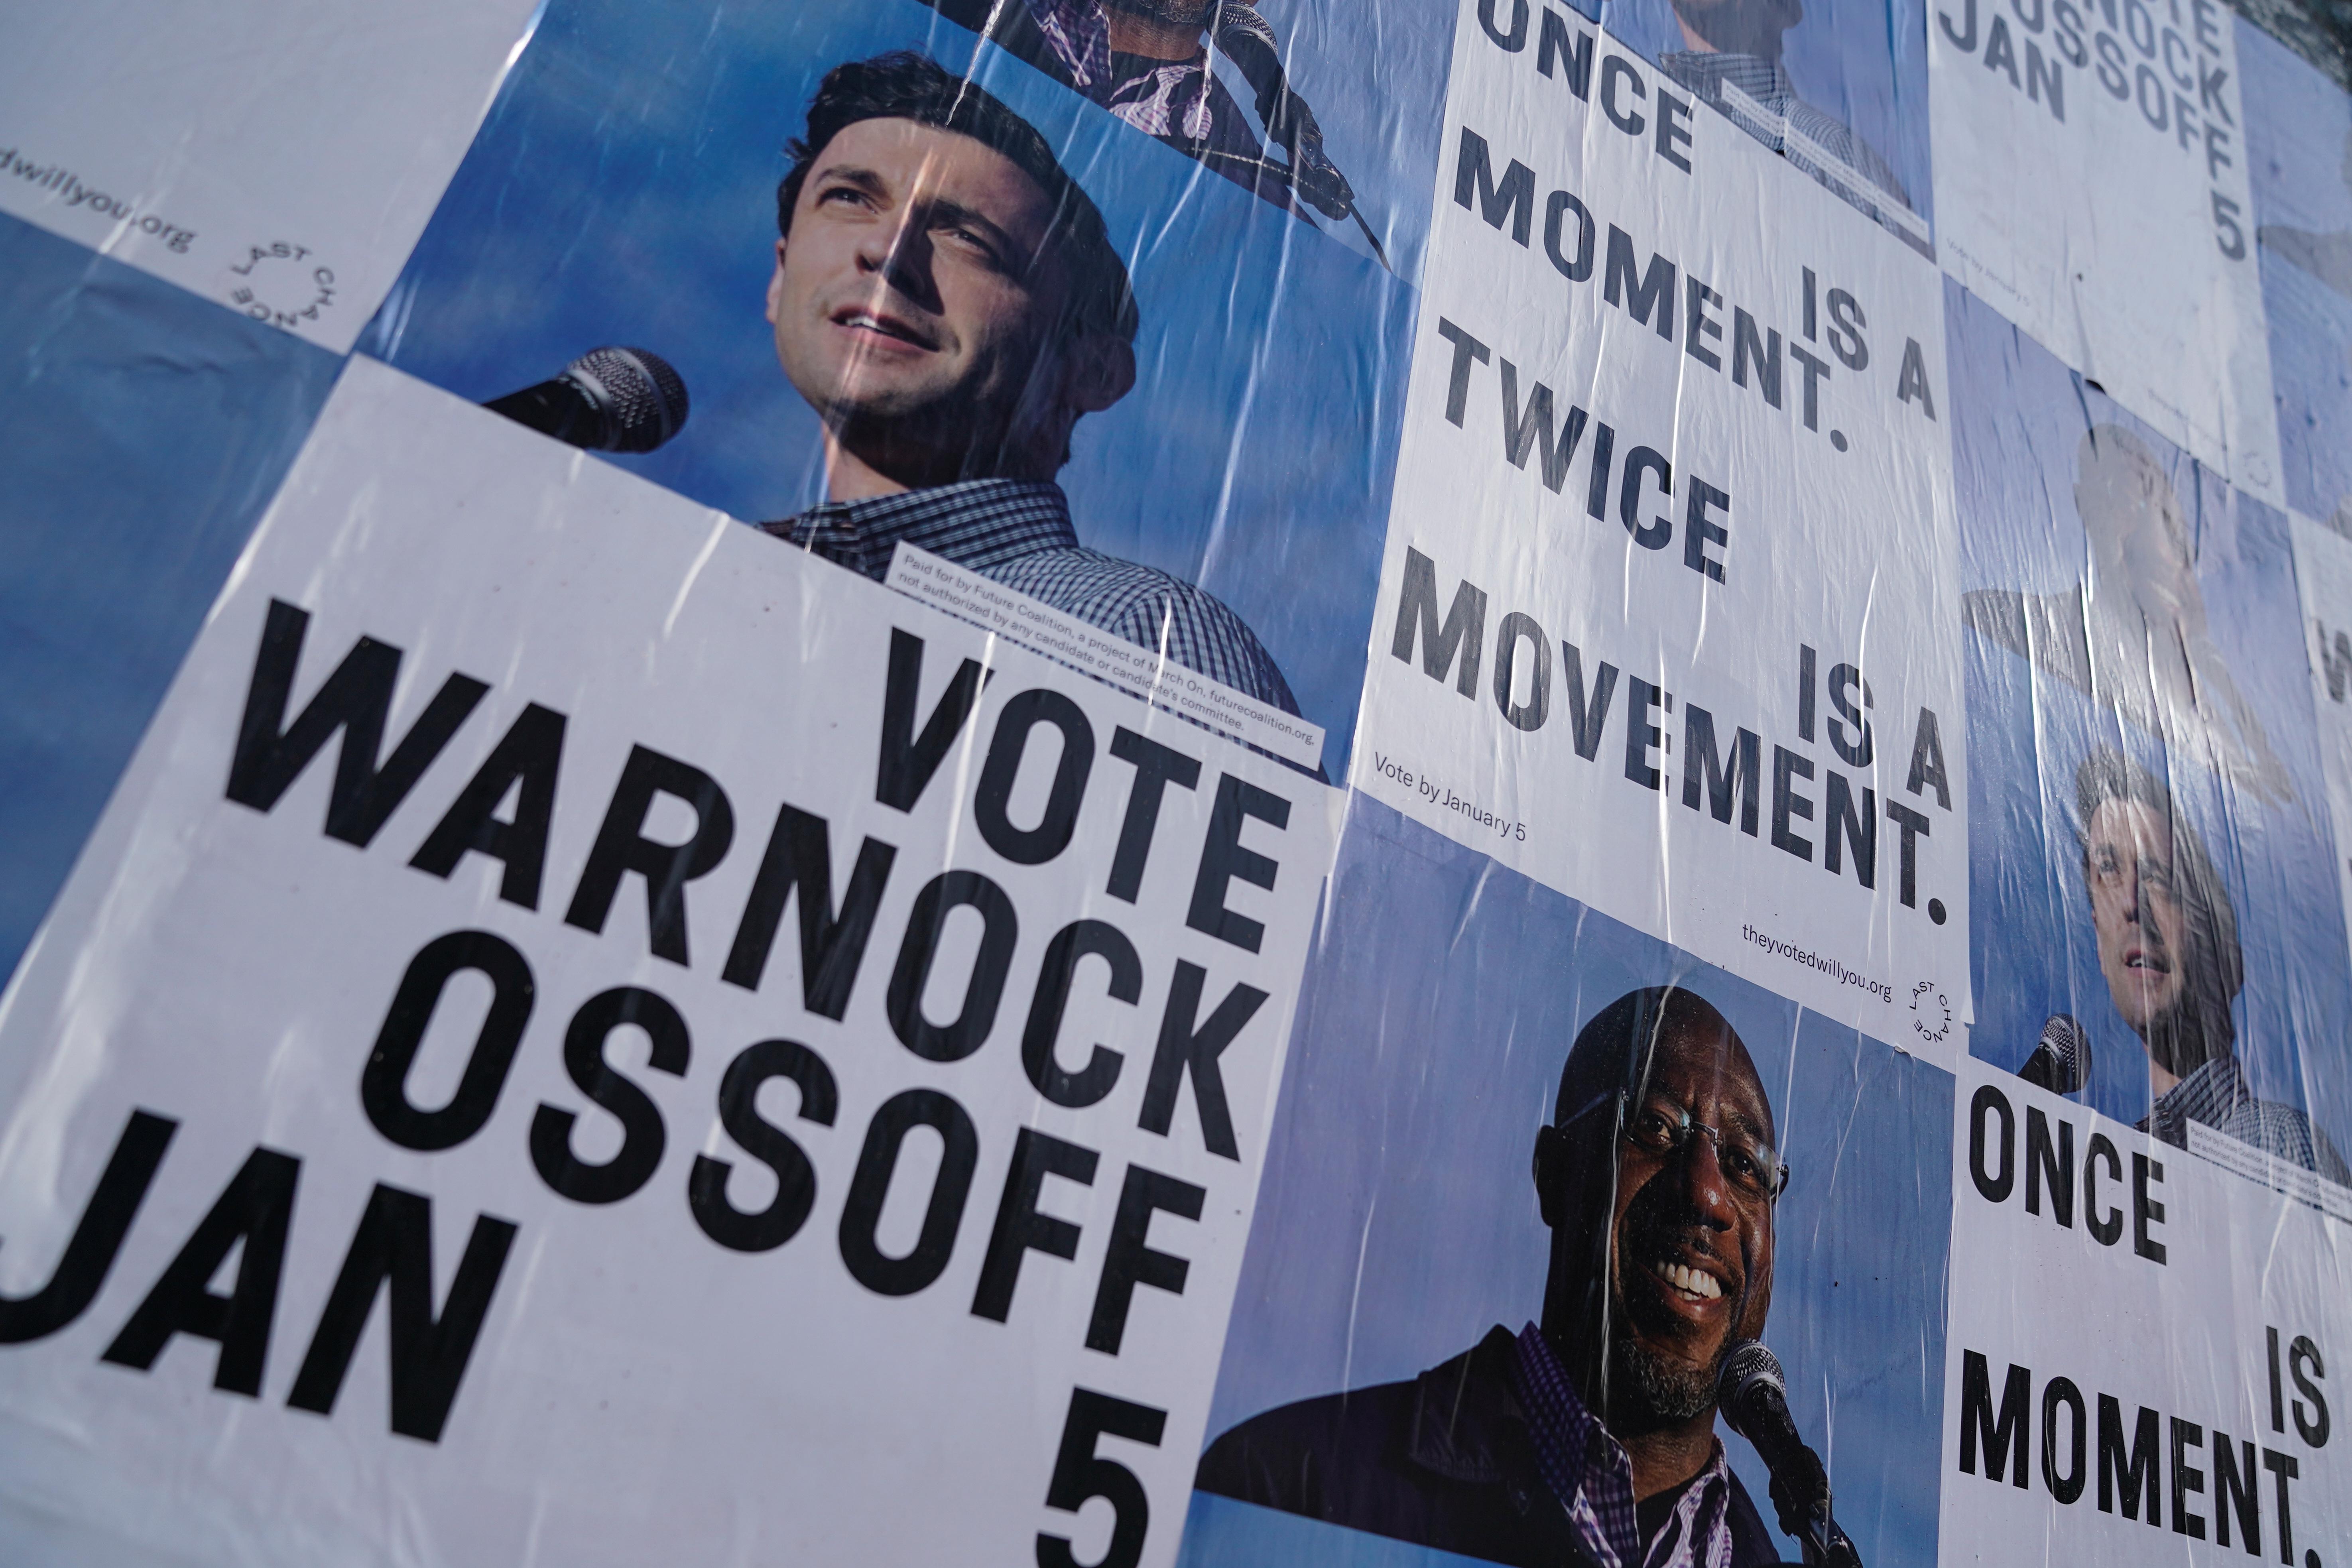 پوسترهای انتخاباتی که خواستار رأی دادن به جان اوسوف و رافائل وارنوک در انتخابات سنای جورجیا هستند.